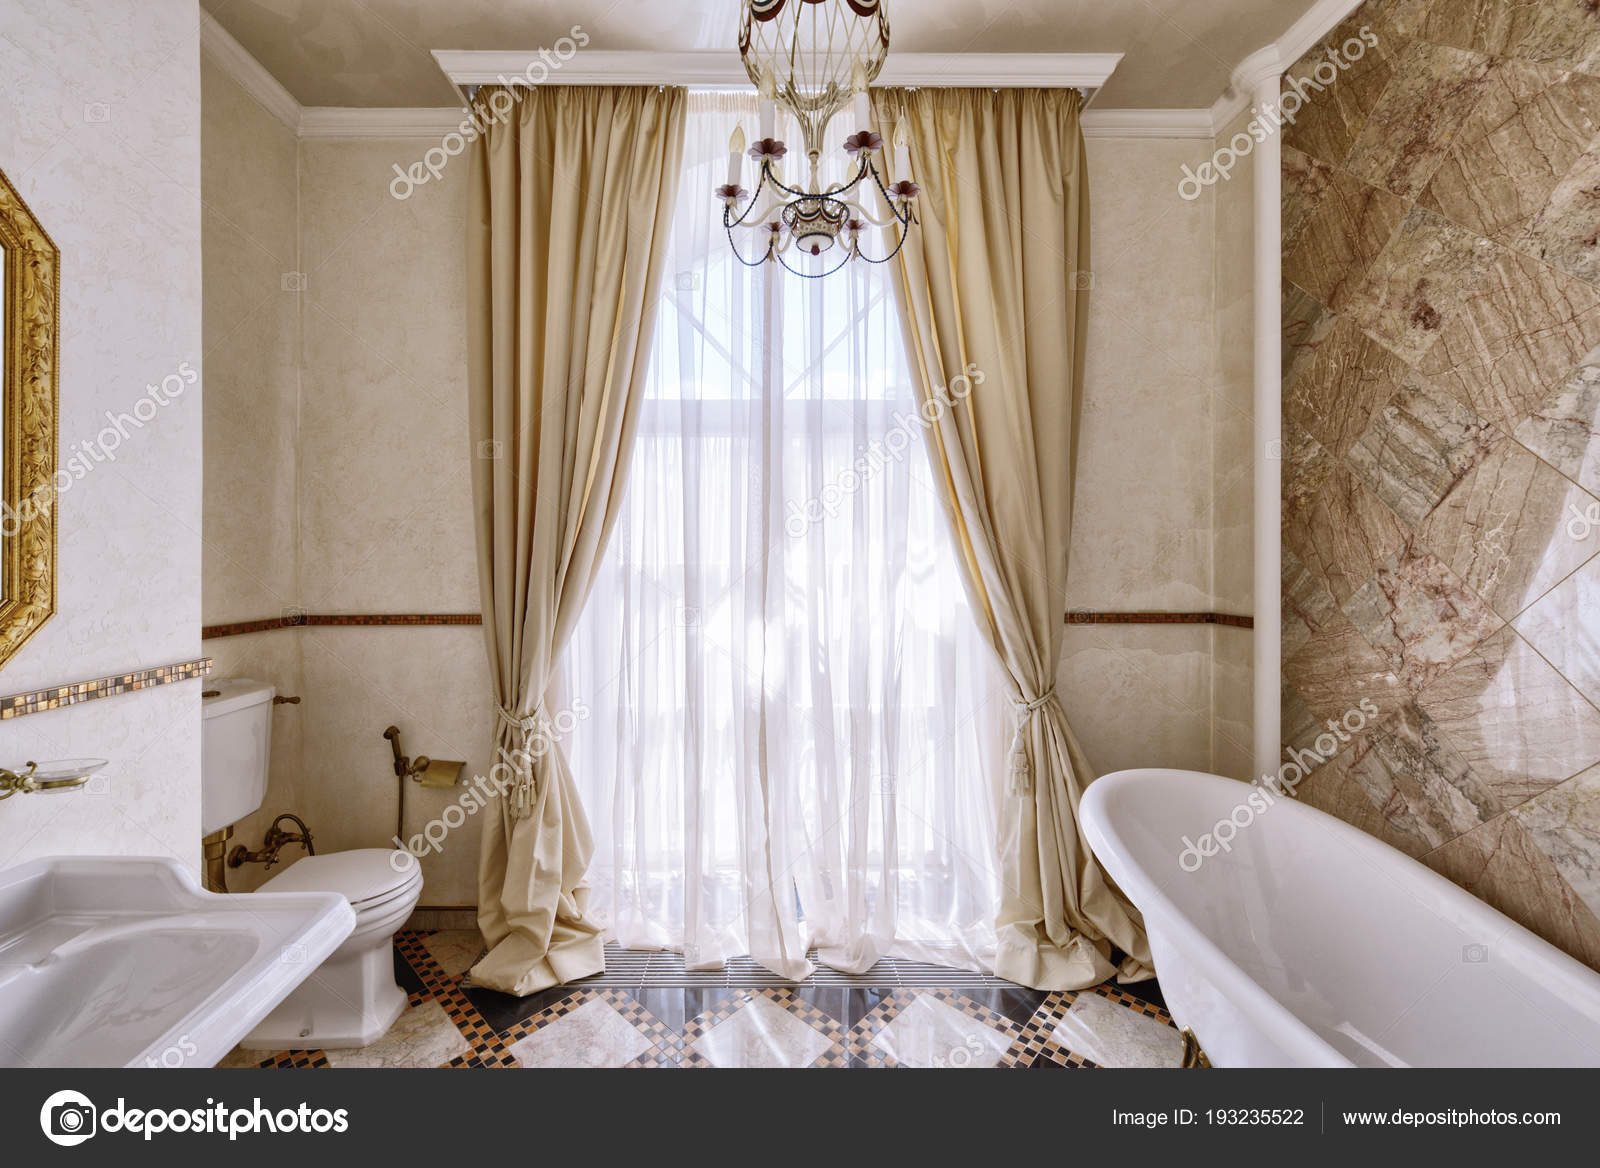 Merveilleux Rideaux De Fenêtre De Décoration. Maison De Luxe Salle De Bain Design  Du0027intérieuru2013 Images De Stock Libres De Droits